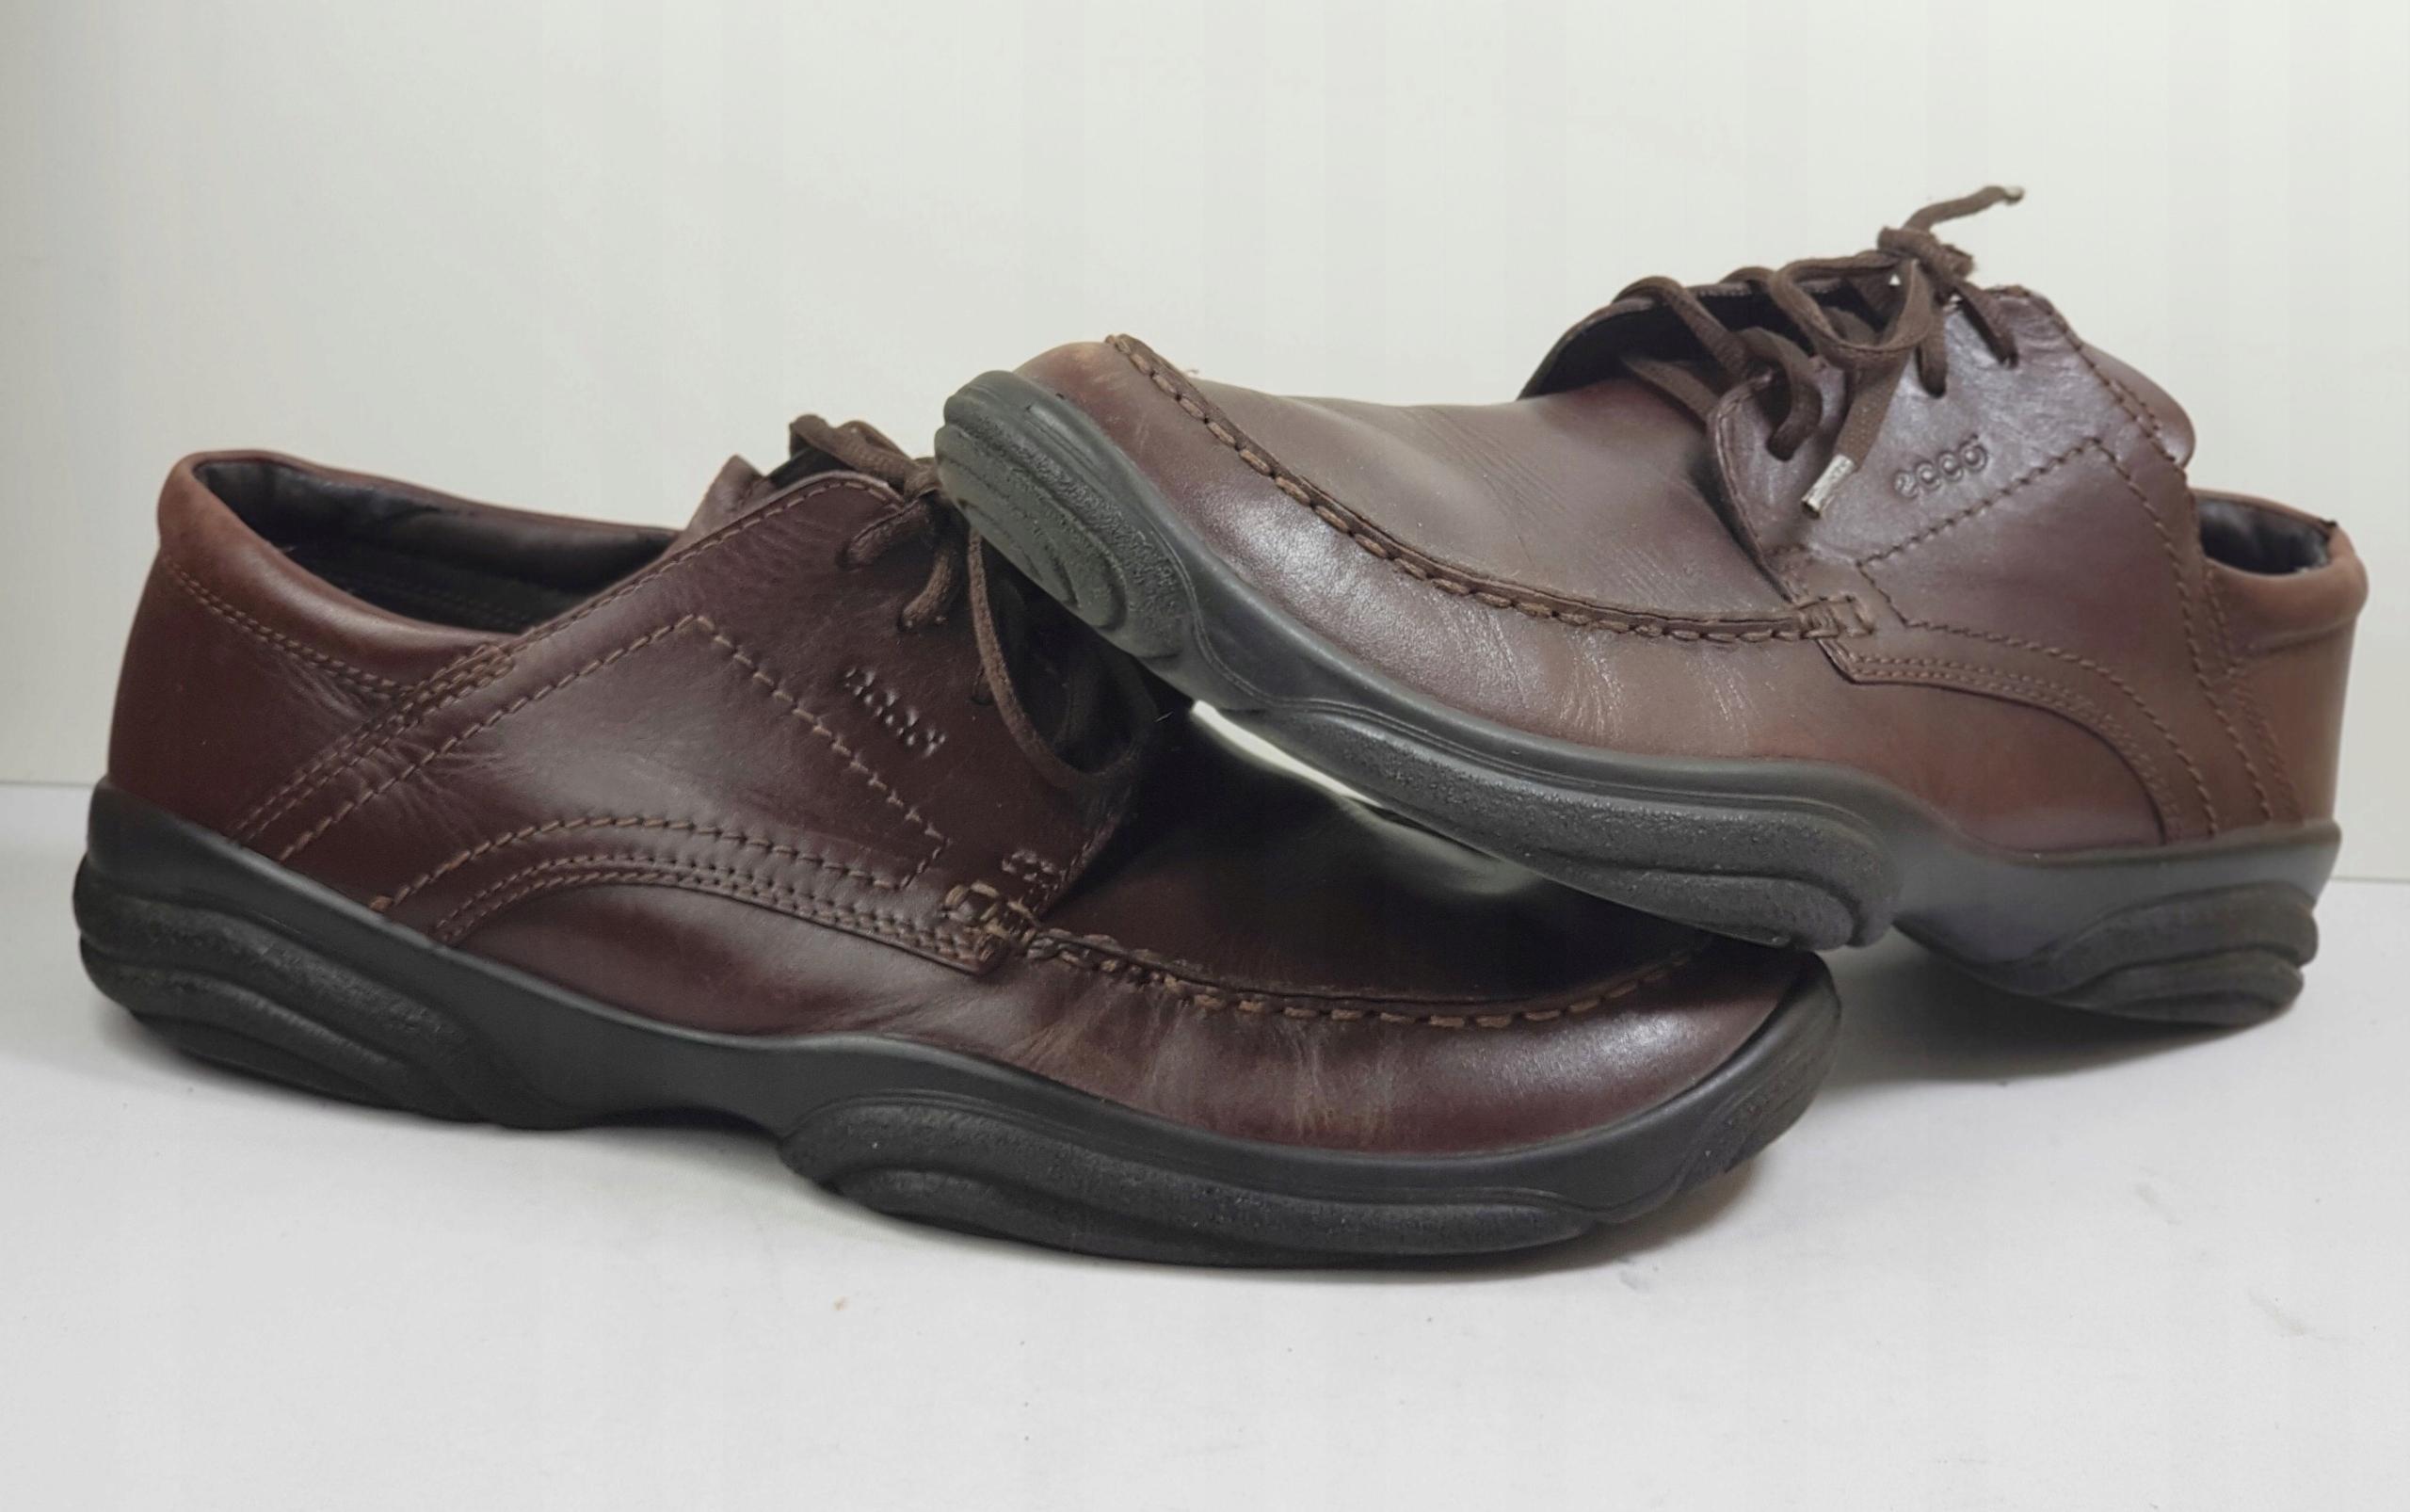 9d290c05e9f21 ECCO skórzane buty męskie r.46 - 7453224444 - oficjalne archiwum allegro